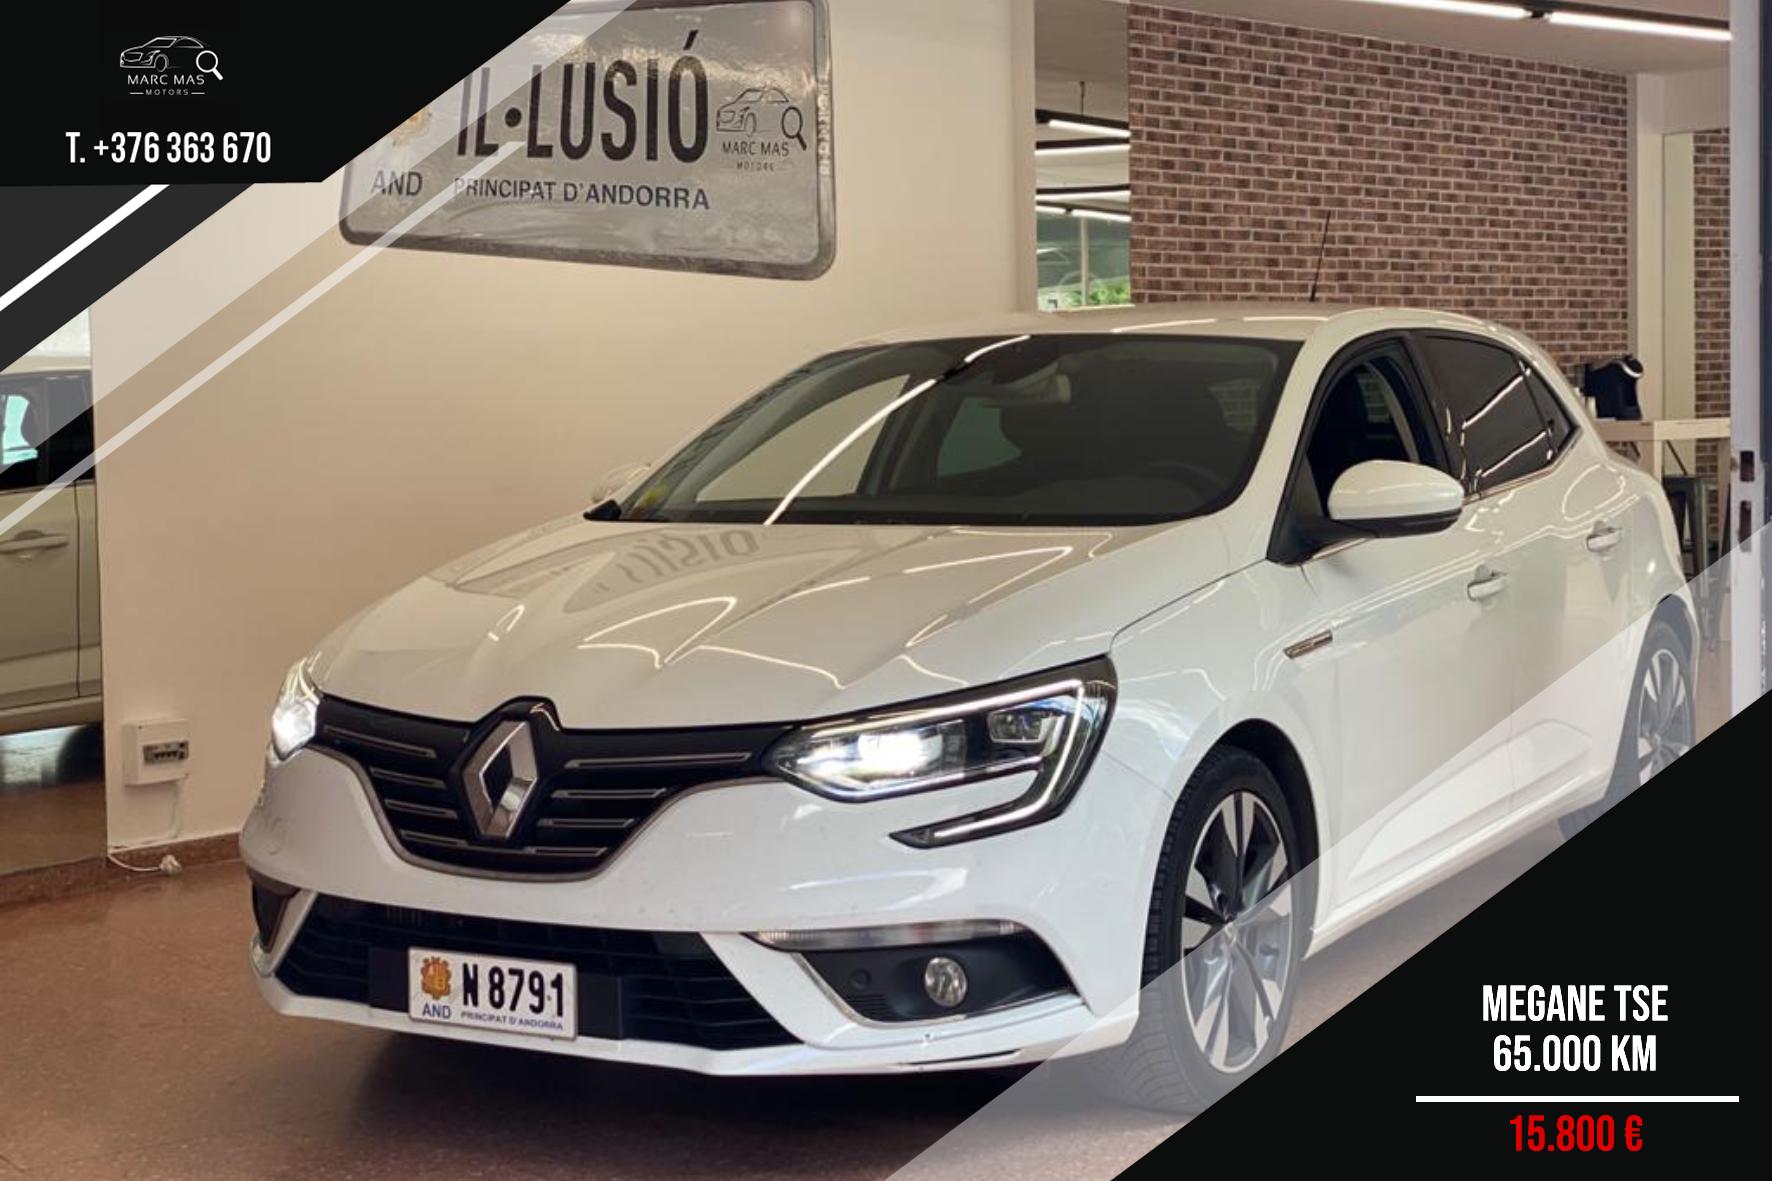 Renault - Megane - TSE   15.800 €